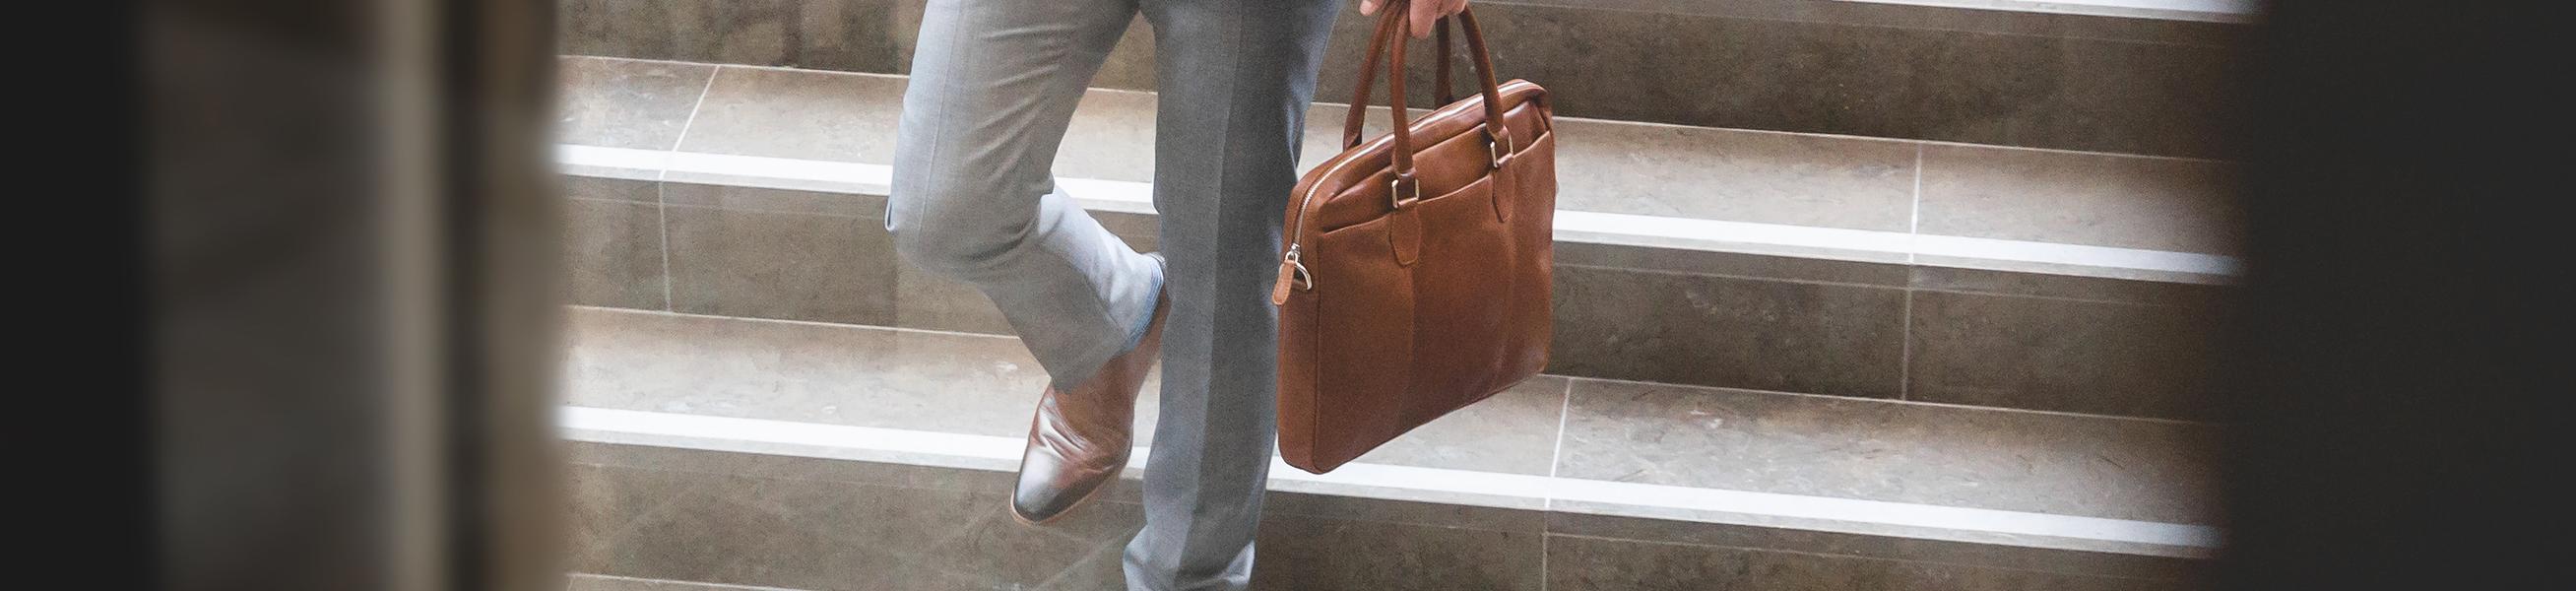 Vollenden Sie Ihren Look mit dem passenden Gürtel ✔ u.a. Leder, Wildleder und geflochten in vielen Marken ✔ Schnelle Lieferung ✔ Trusted Shops 4.8/5 (+1000 Bewertungen)